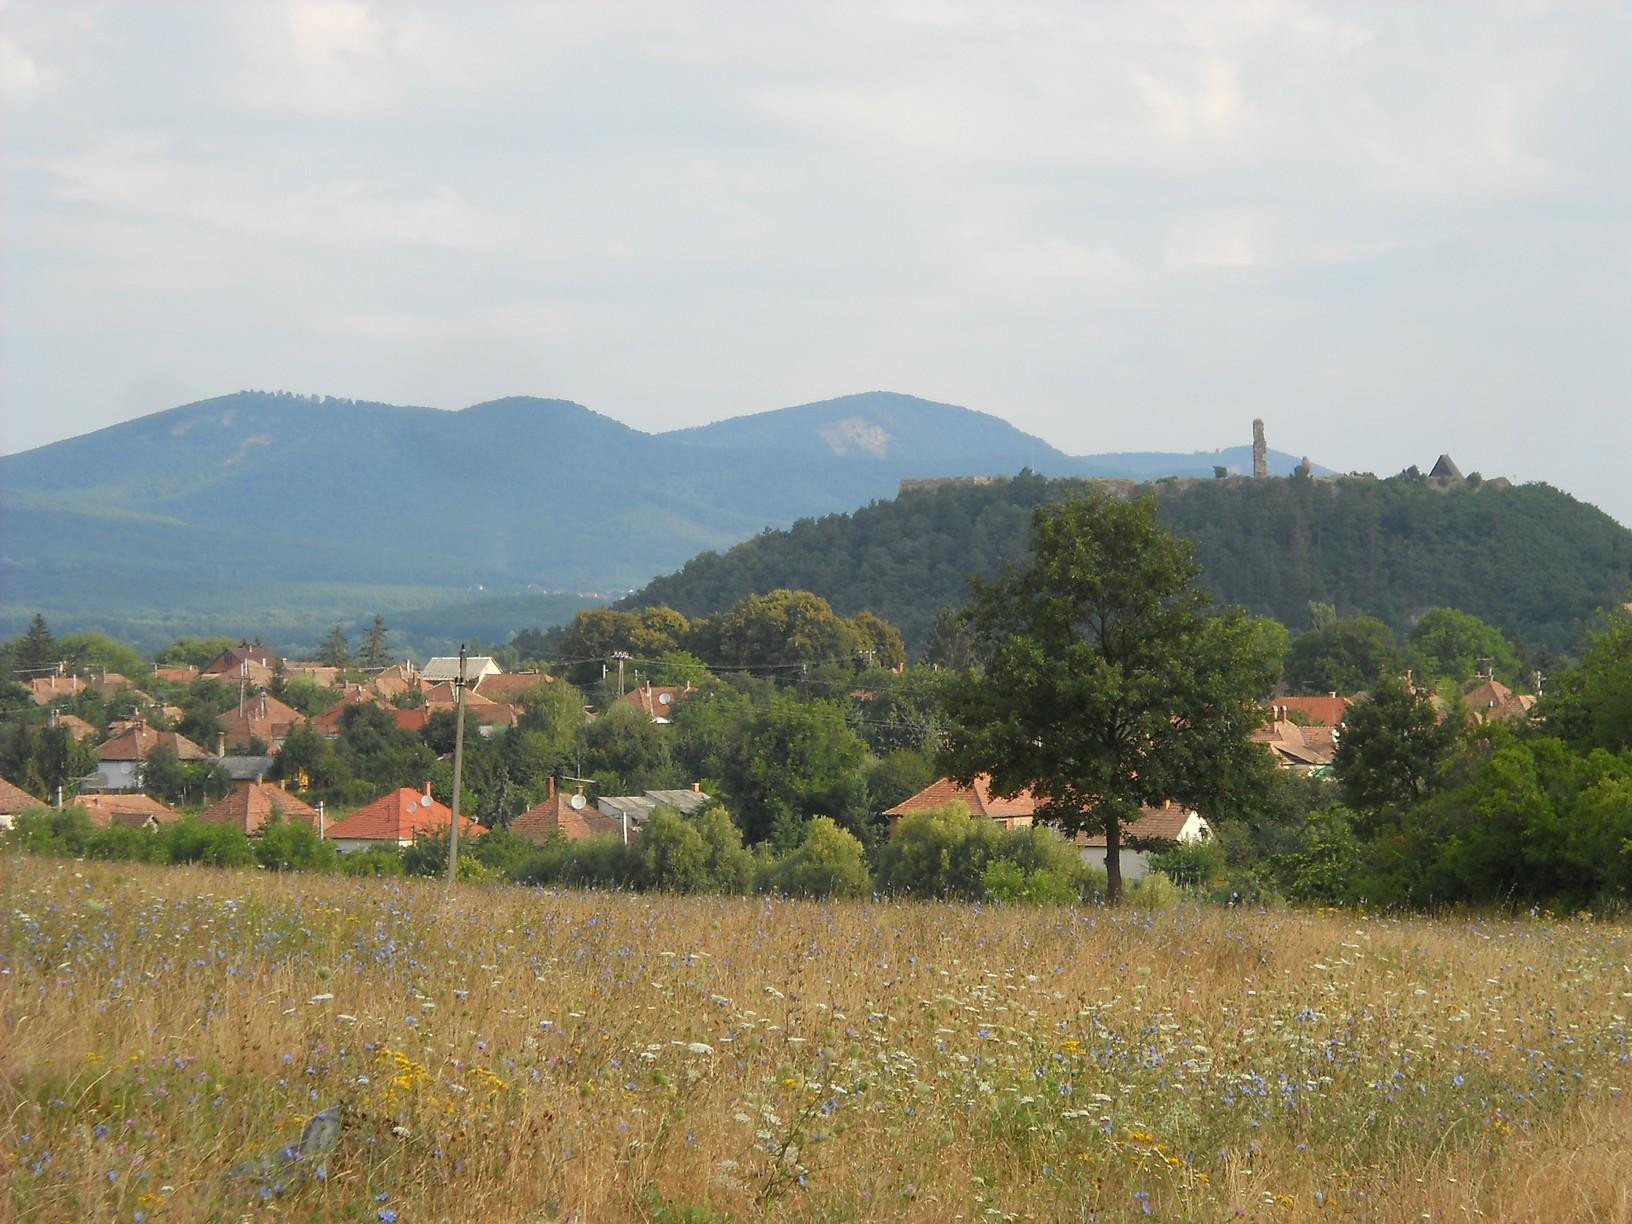 Utolsó pillantás a határból Nógrádra és a várhegyre